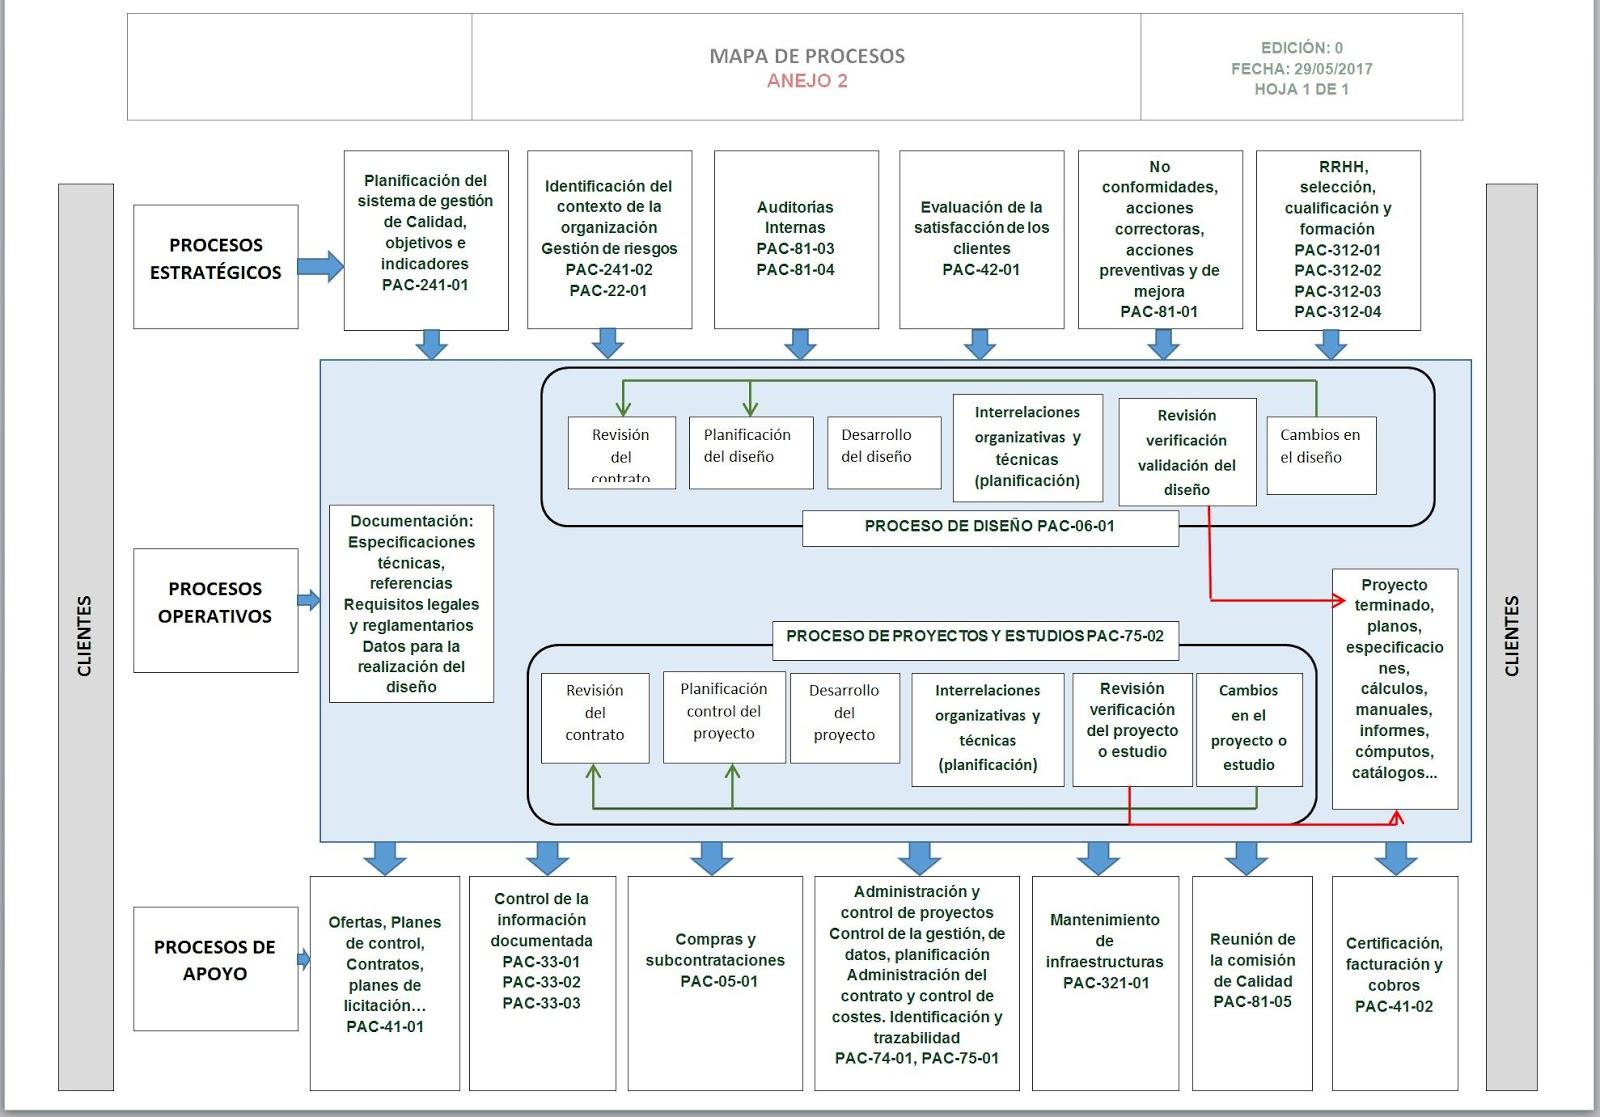 Mapa De Procesos Ejemplos De Una Empresa.Manual De Gestion De Calidad Paso A Paso Mapa De Procesos